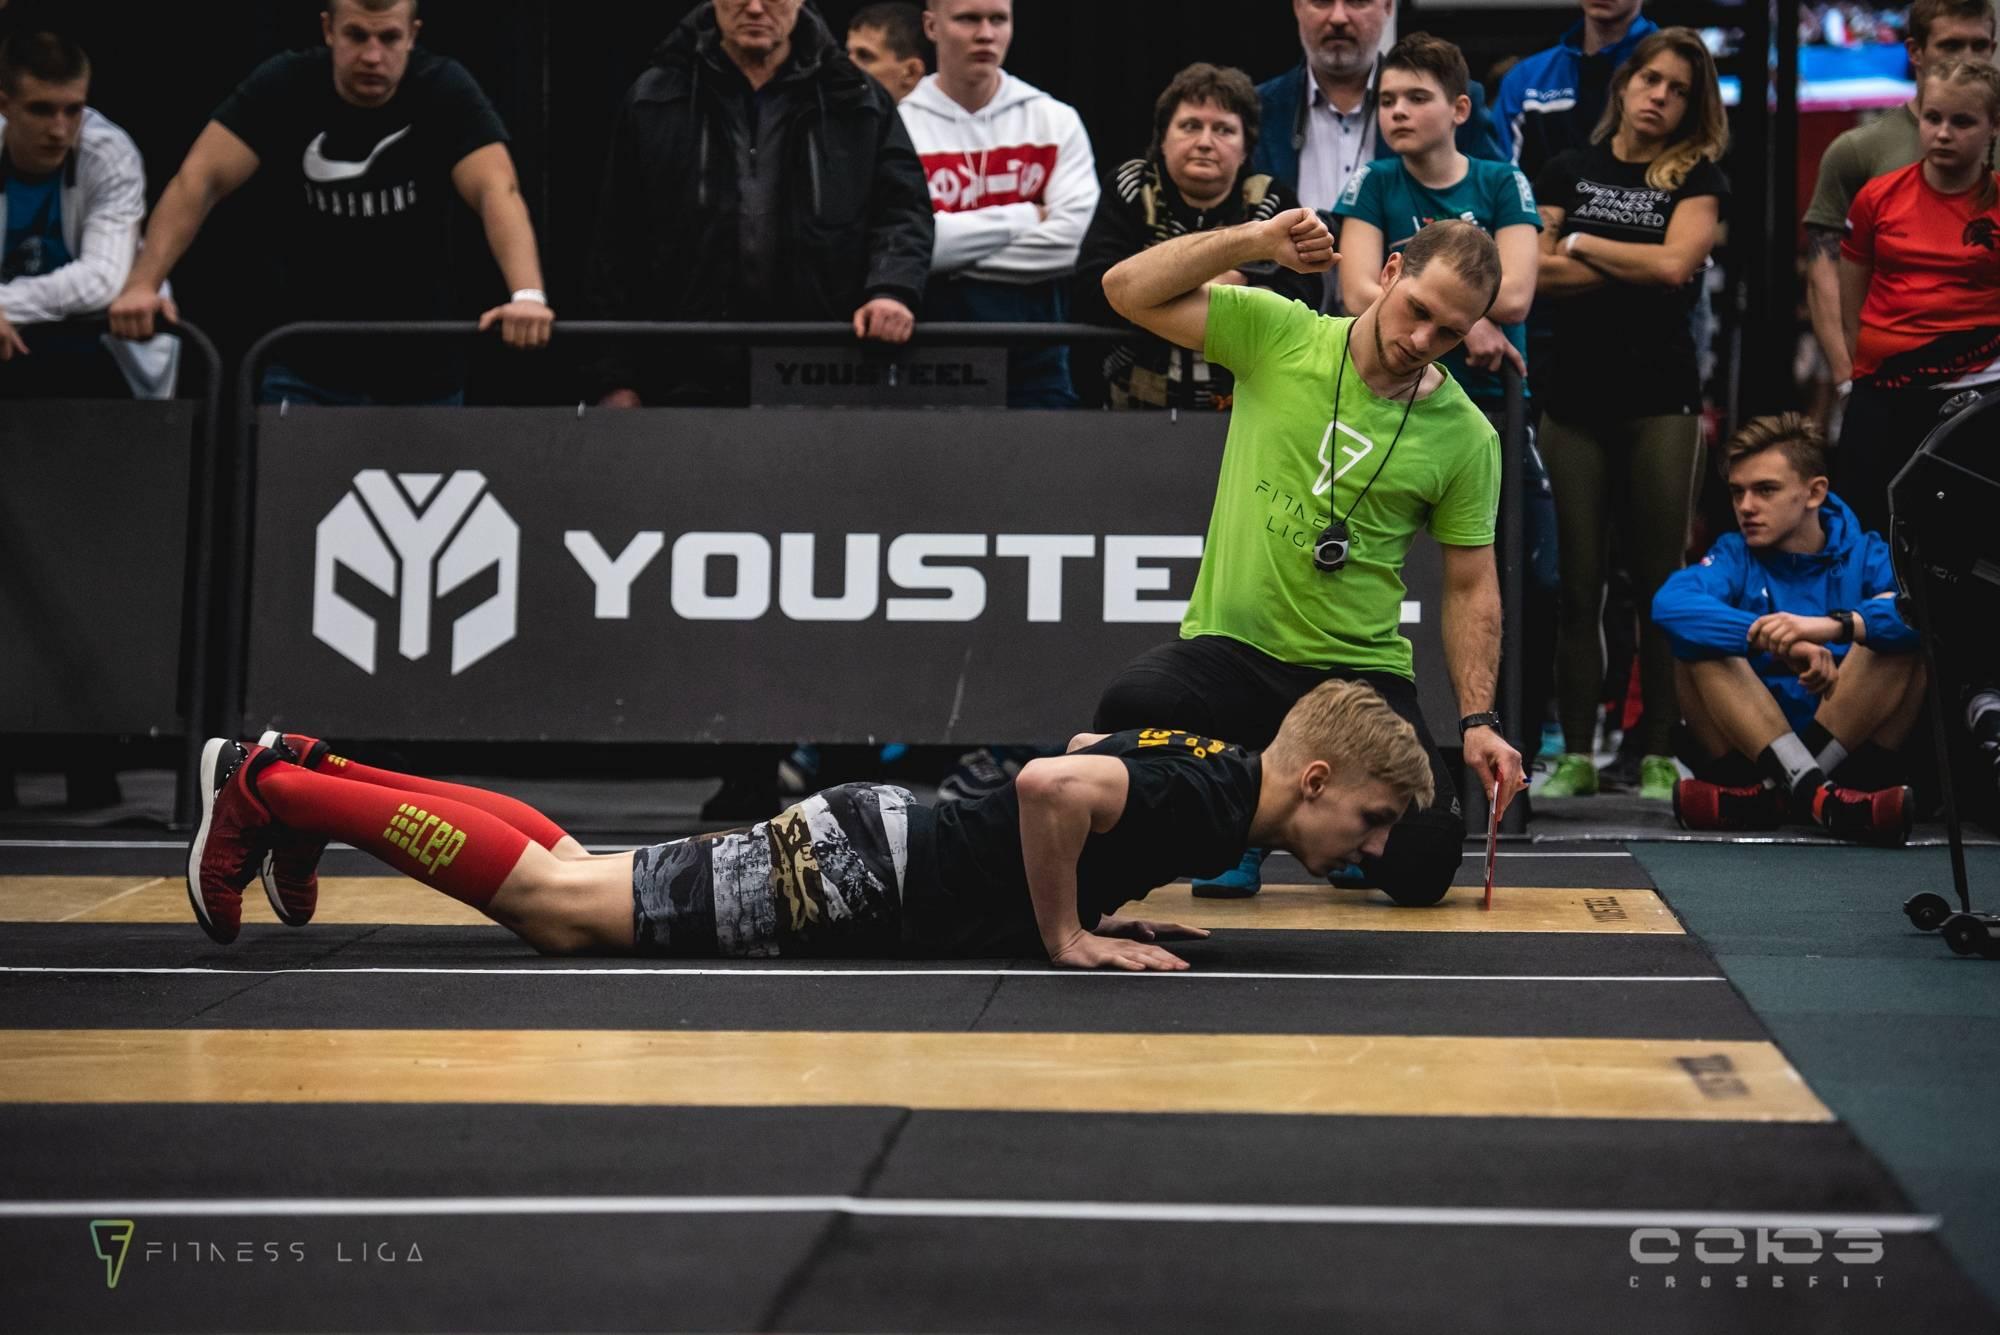 """Спортивный турнир """"Фитнес Лига: дети и подростки"""", Москва, 3 ноября 2019 года"""